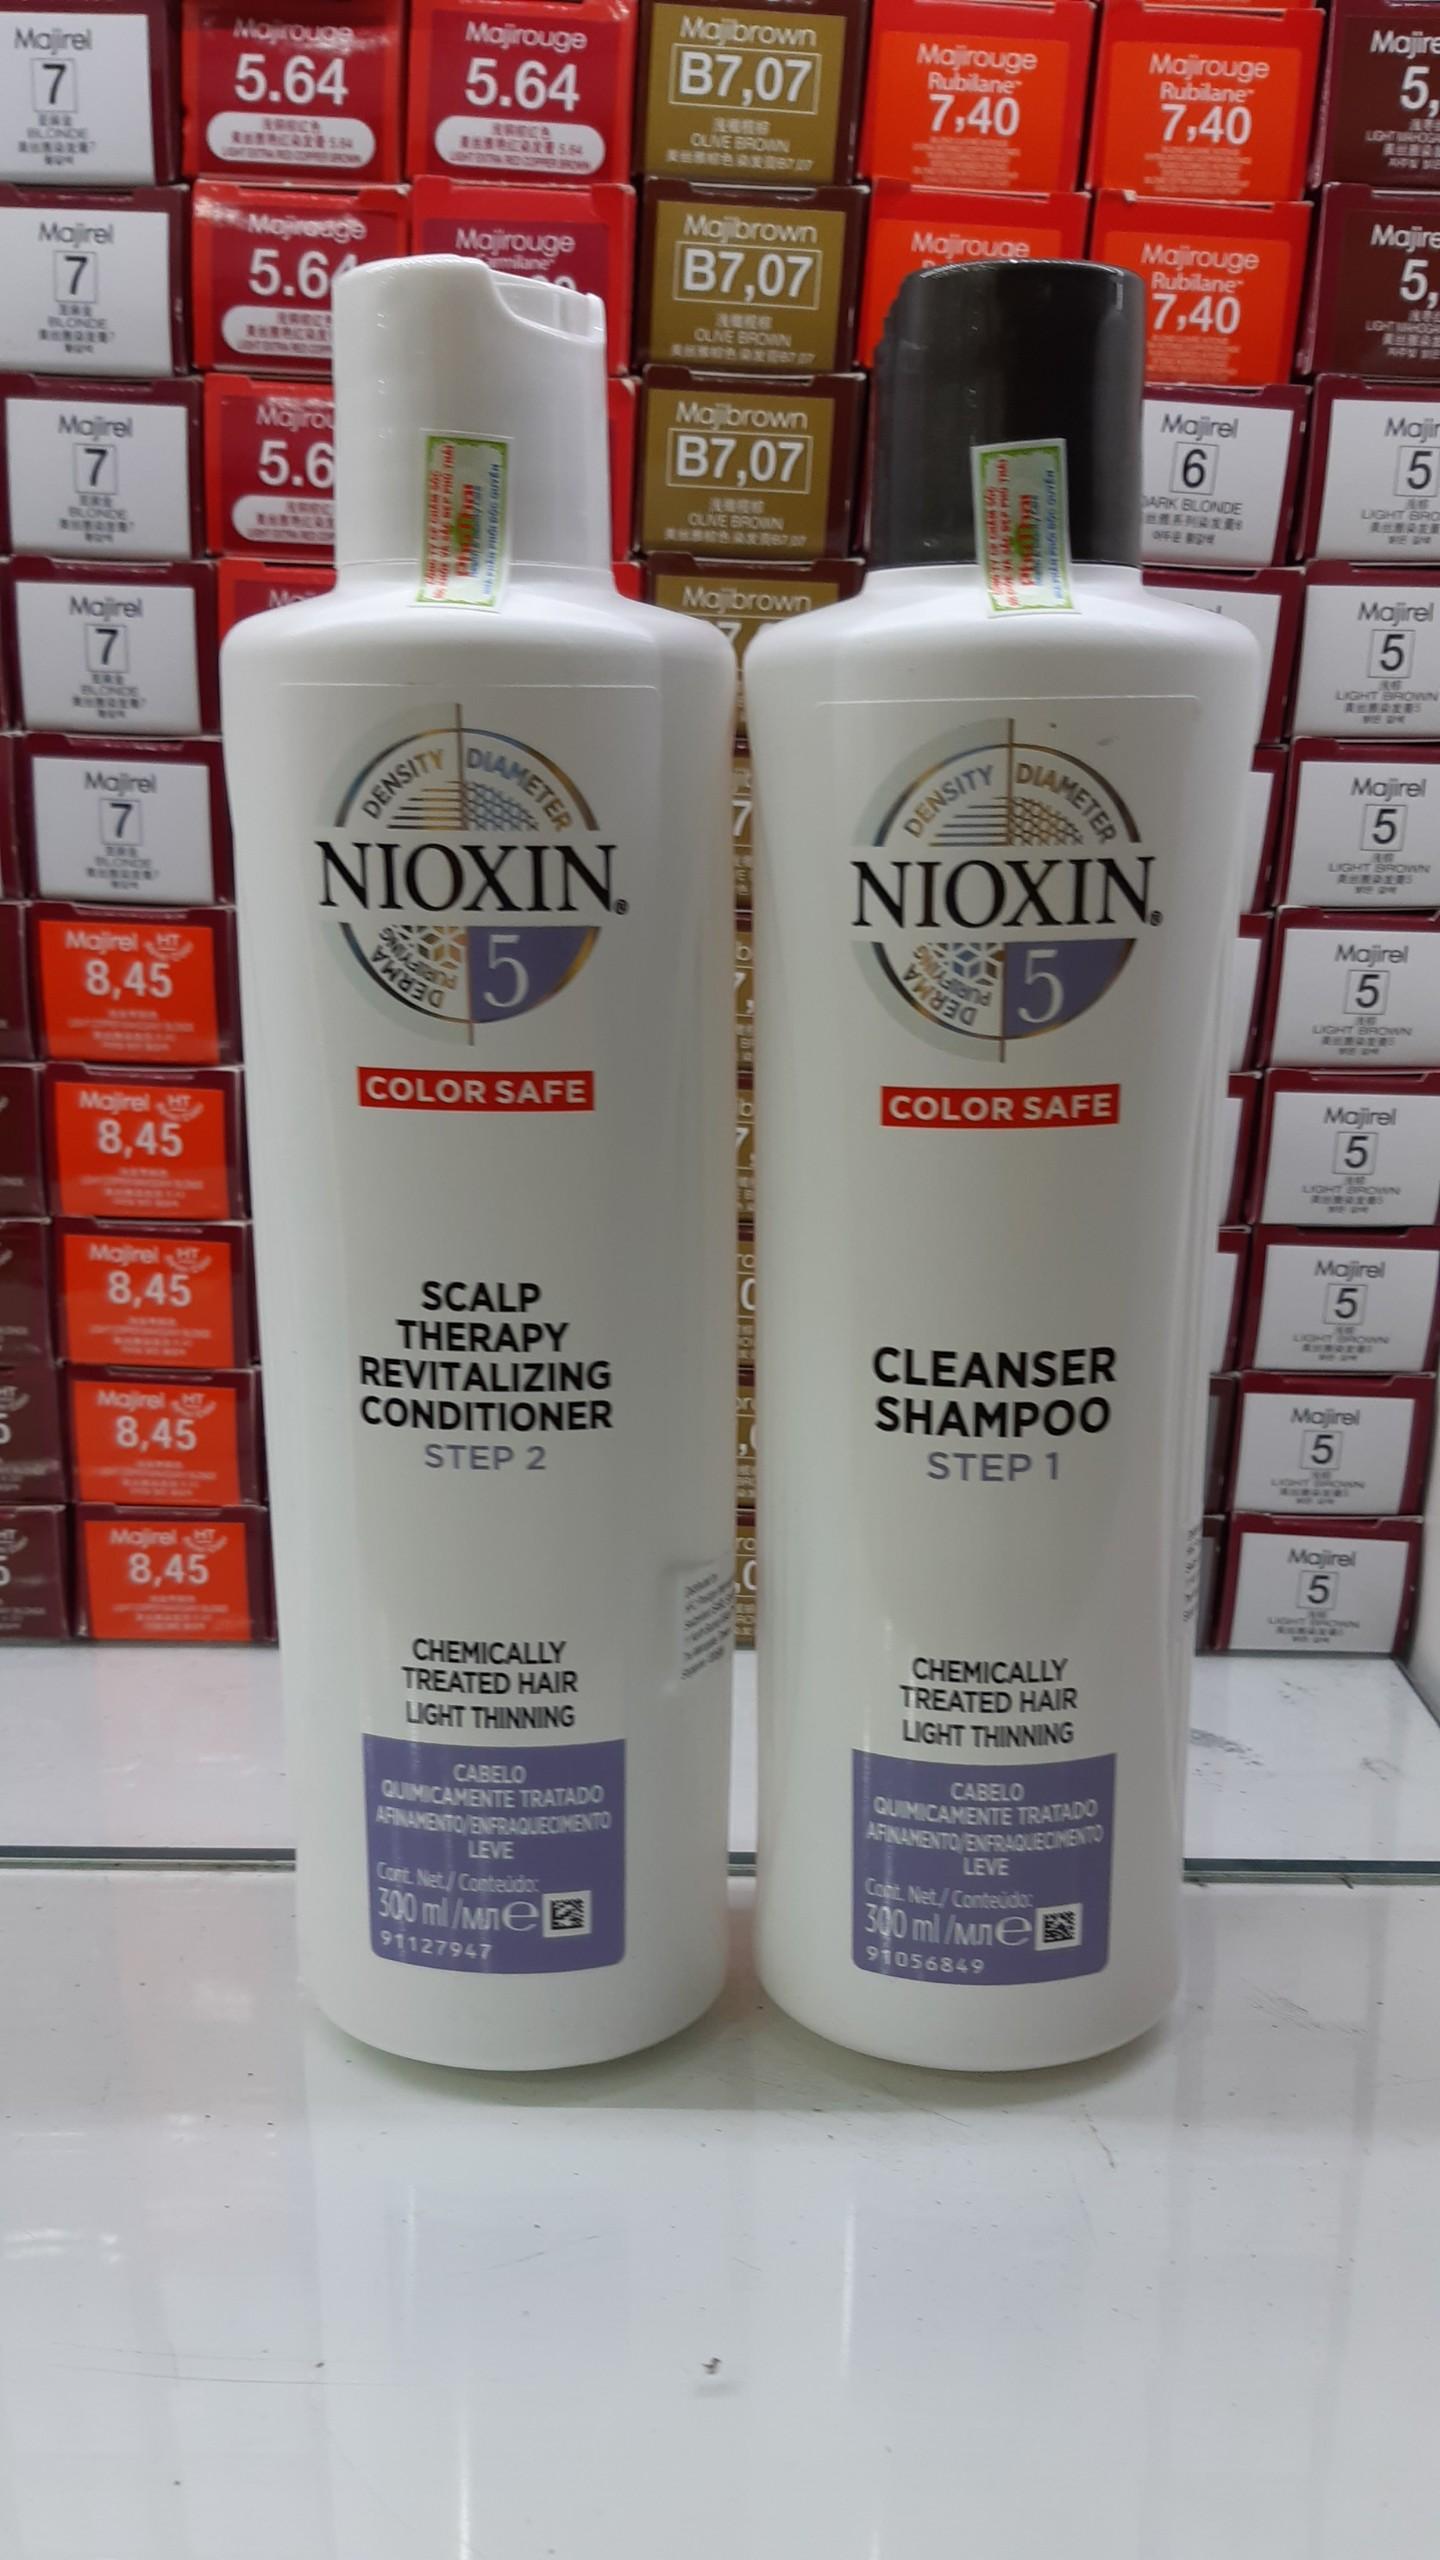 Bộ dầu gội xả Nioxin chống rụng tóc System 5 300mlx2 ( New 2019 ) tốt nhất